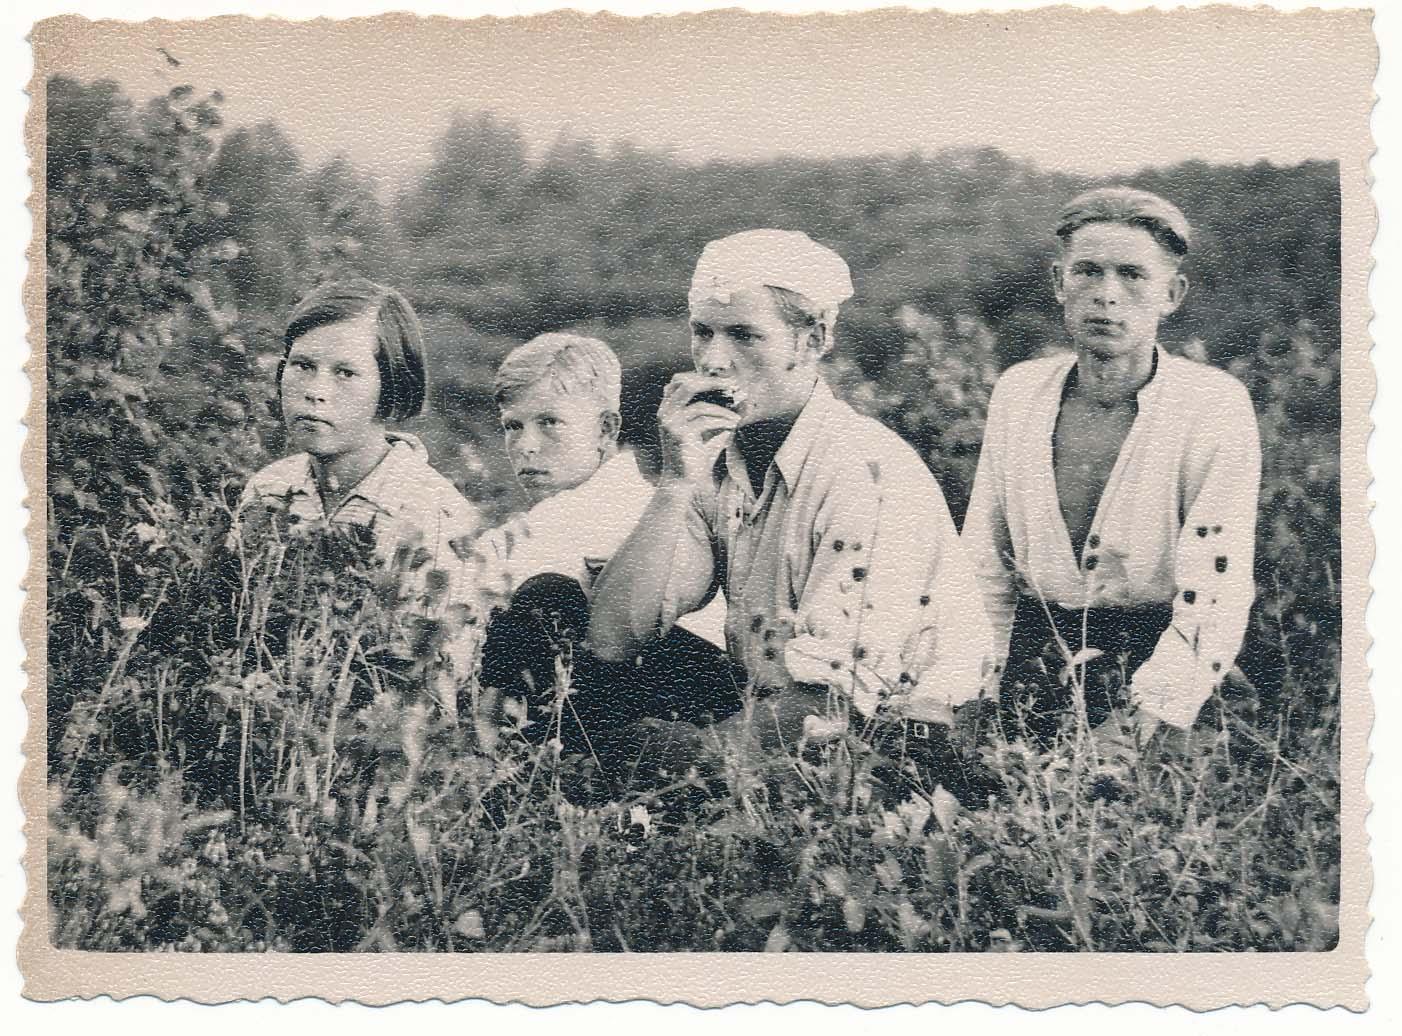 Iš kairės: Ona, Stasys, Alfonsas ir Adolfas Čipkai. Nemeikščiai